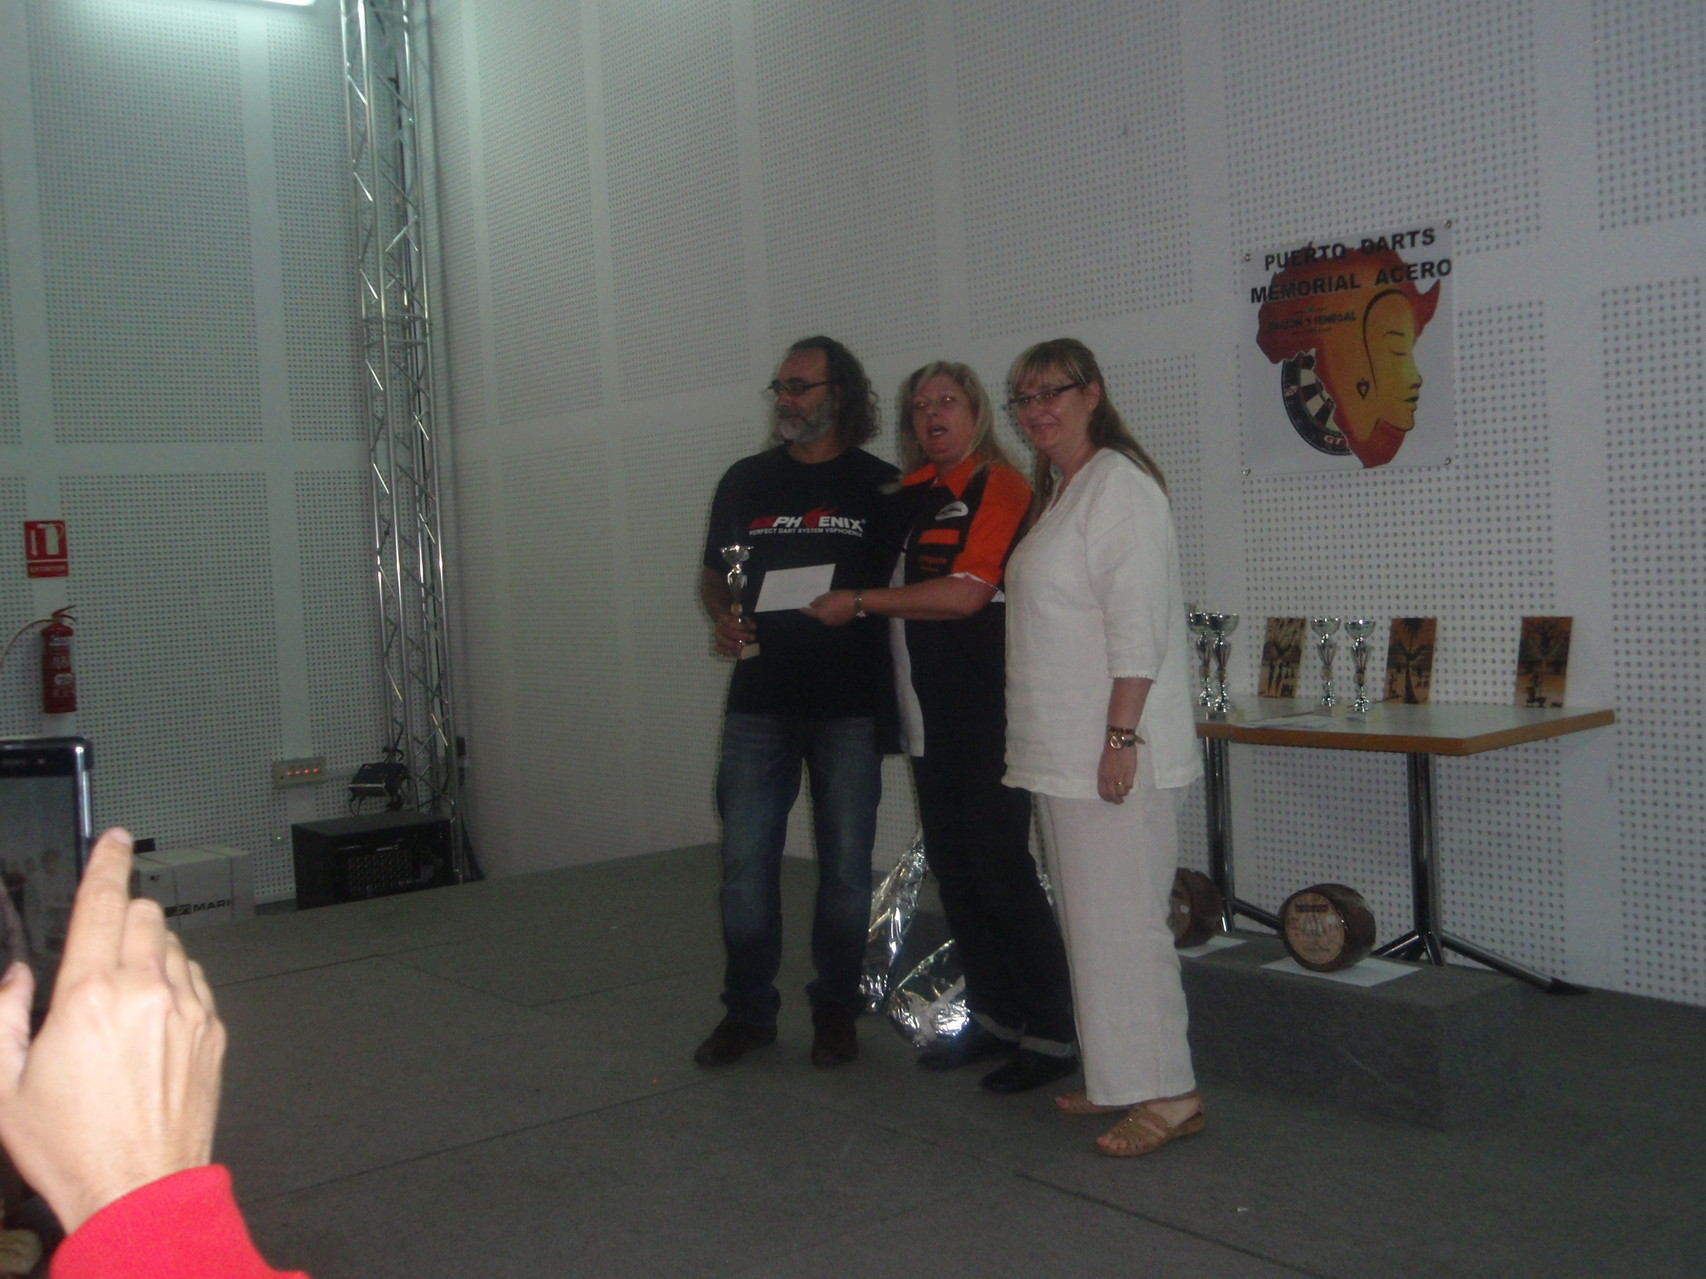 Carles Arola recogiendo el trofeo